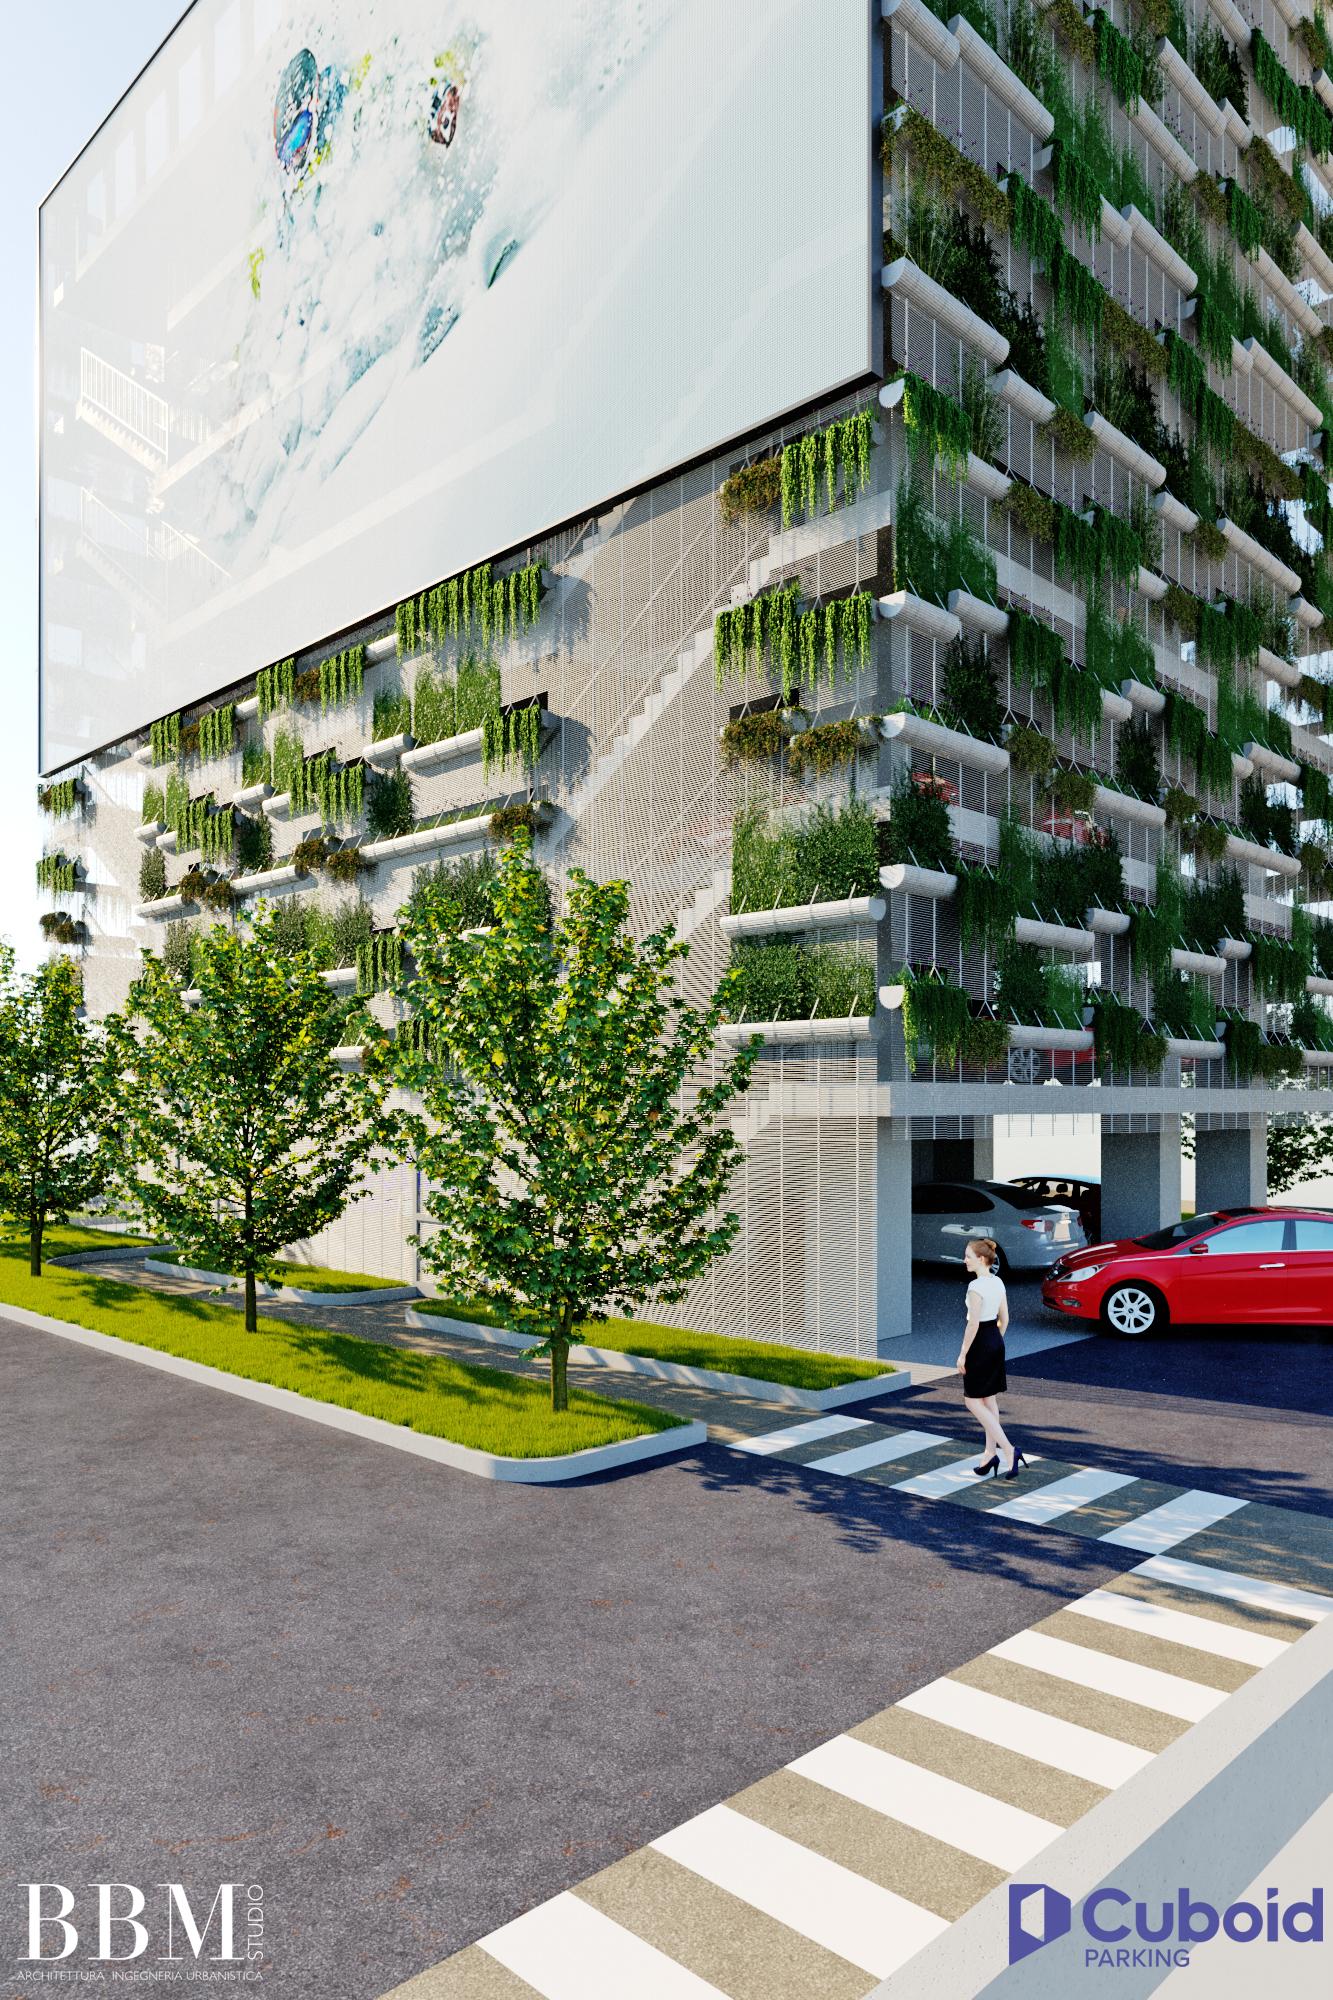 Cuboid Parking - Cuboid Access and Facade